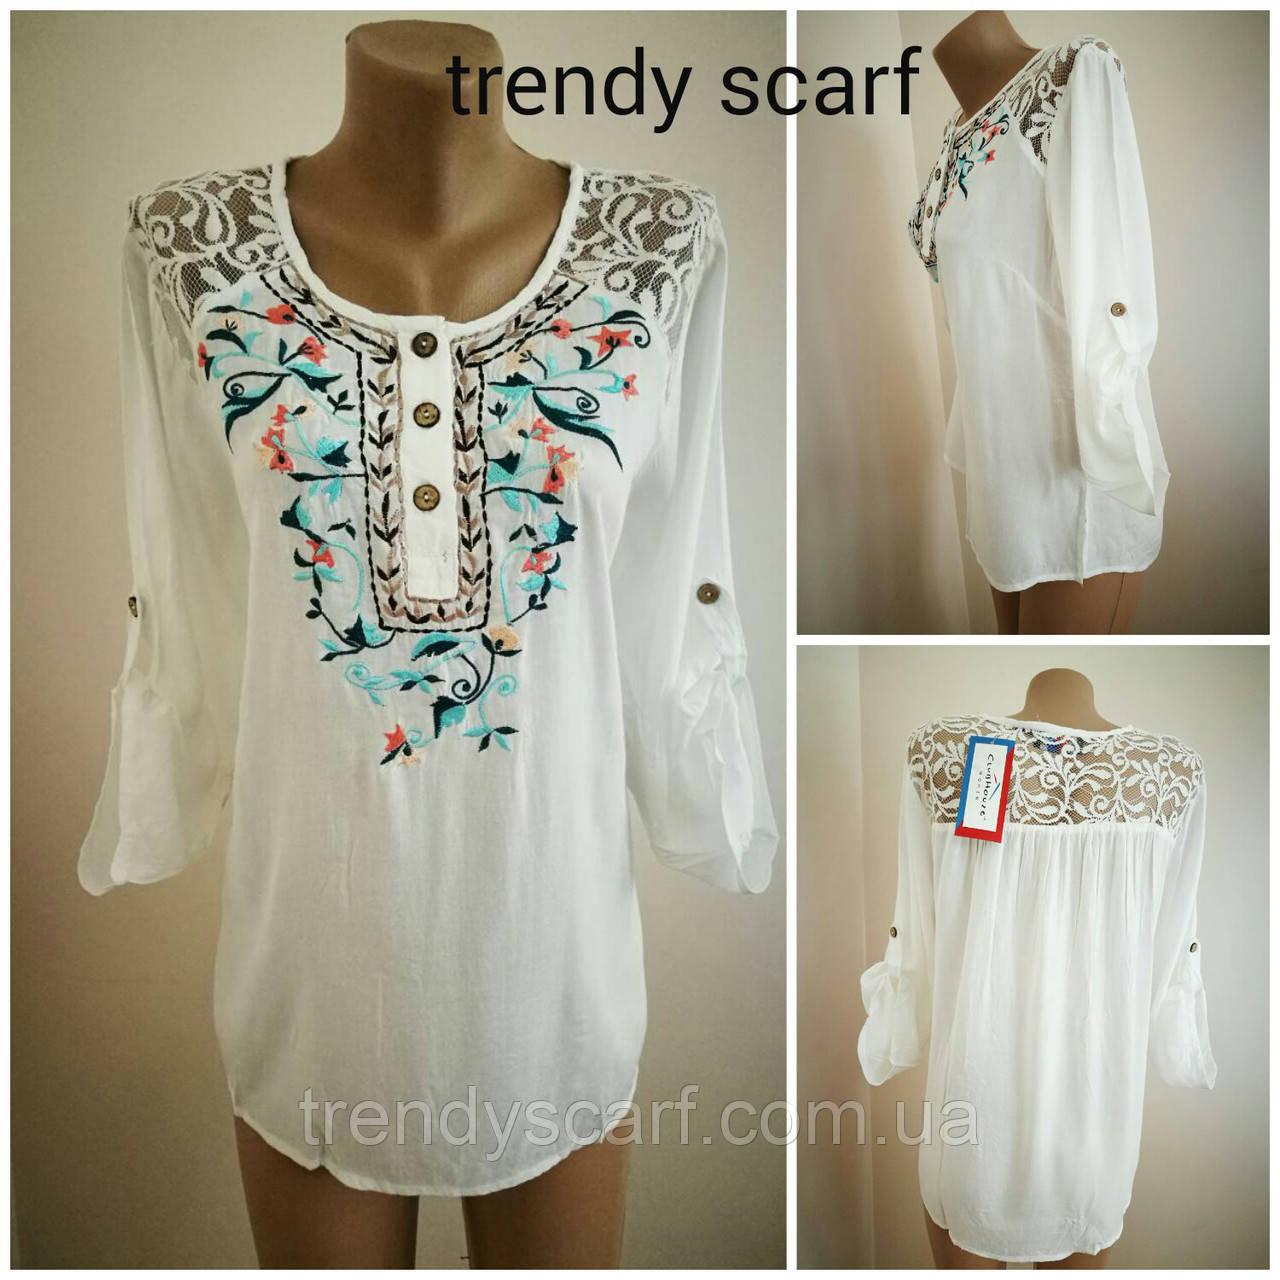 7ae42c242c3 Женская летняя Блуза блузка рубашка удленненная белая с вышивкой и гипюром.  Индия. Хлопок